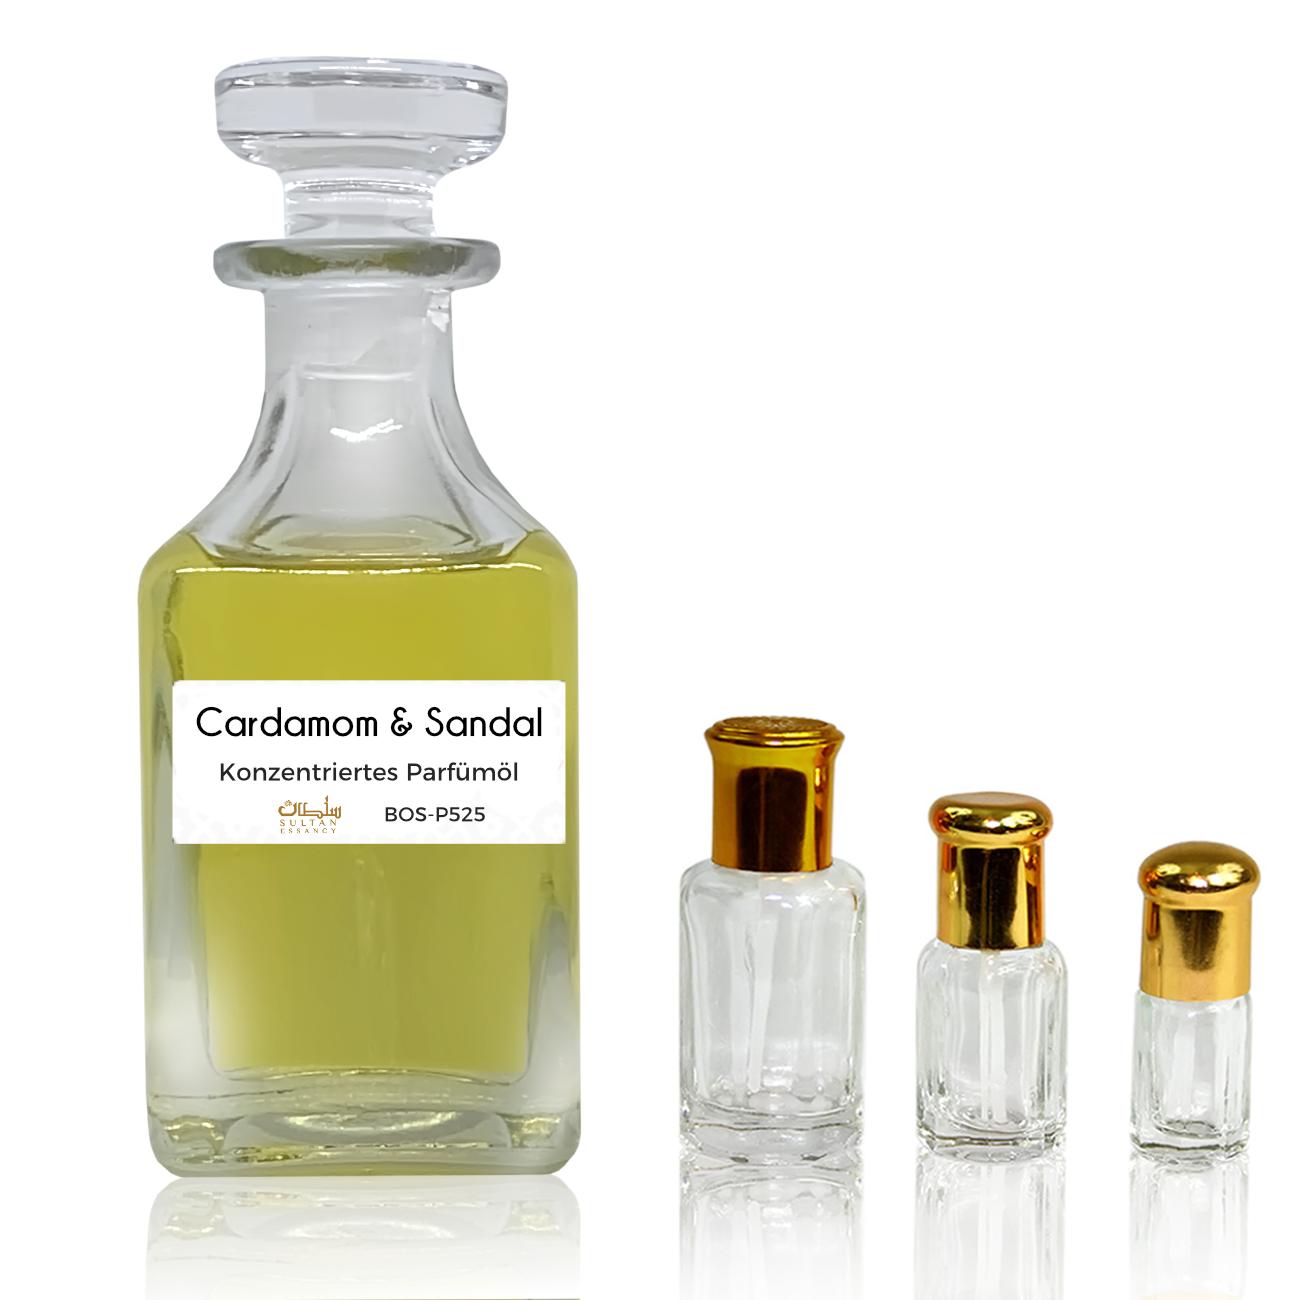 Parfümöl Cardamom & Sandal von Sultan Essancy